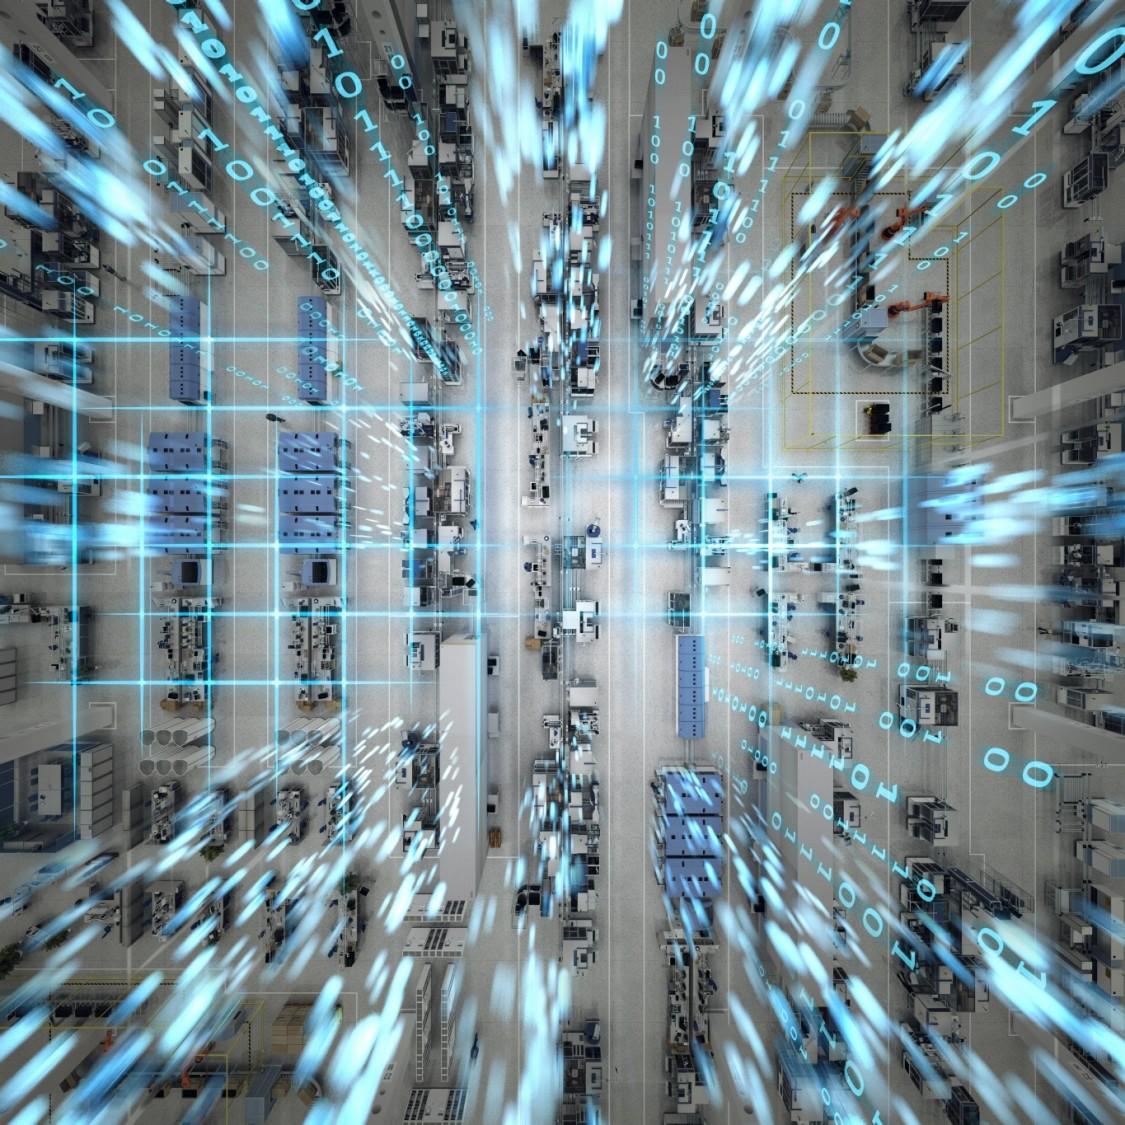 vista por cima de um galpão industrial com um filtro de rede e números azuis